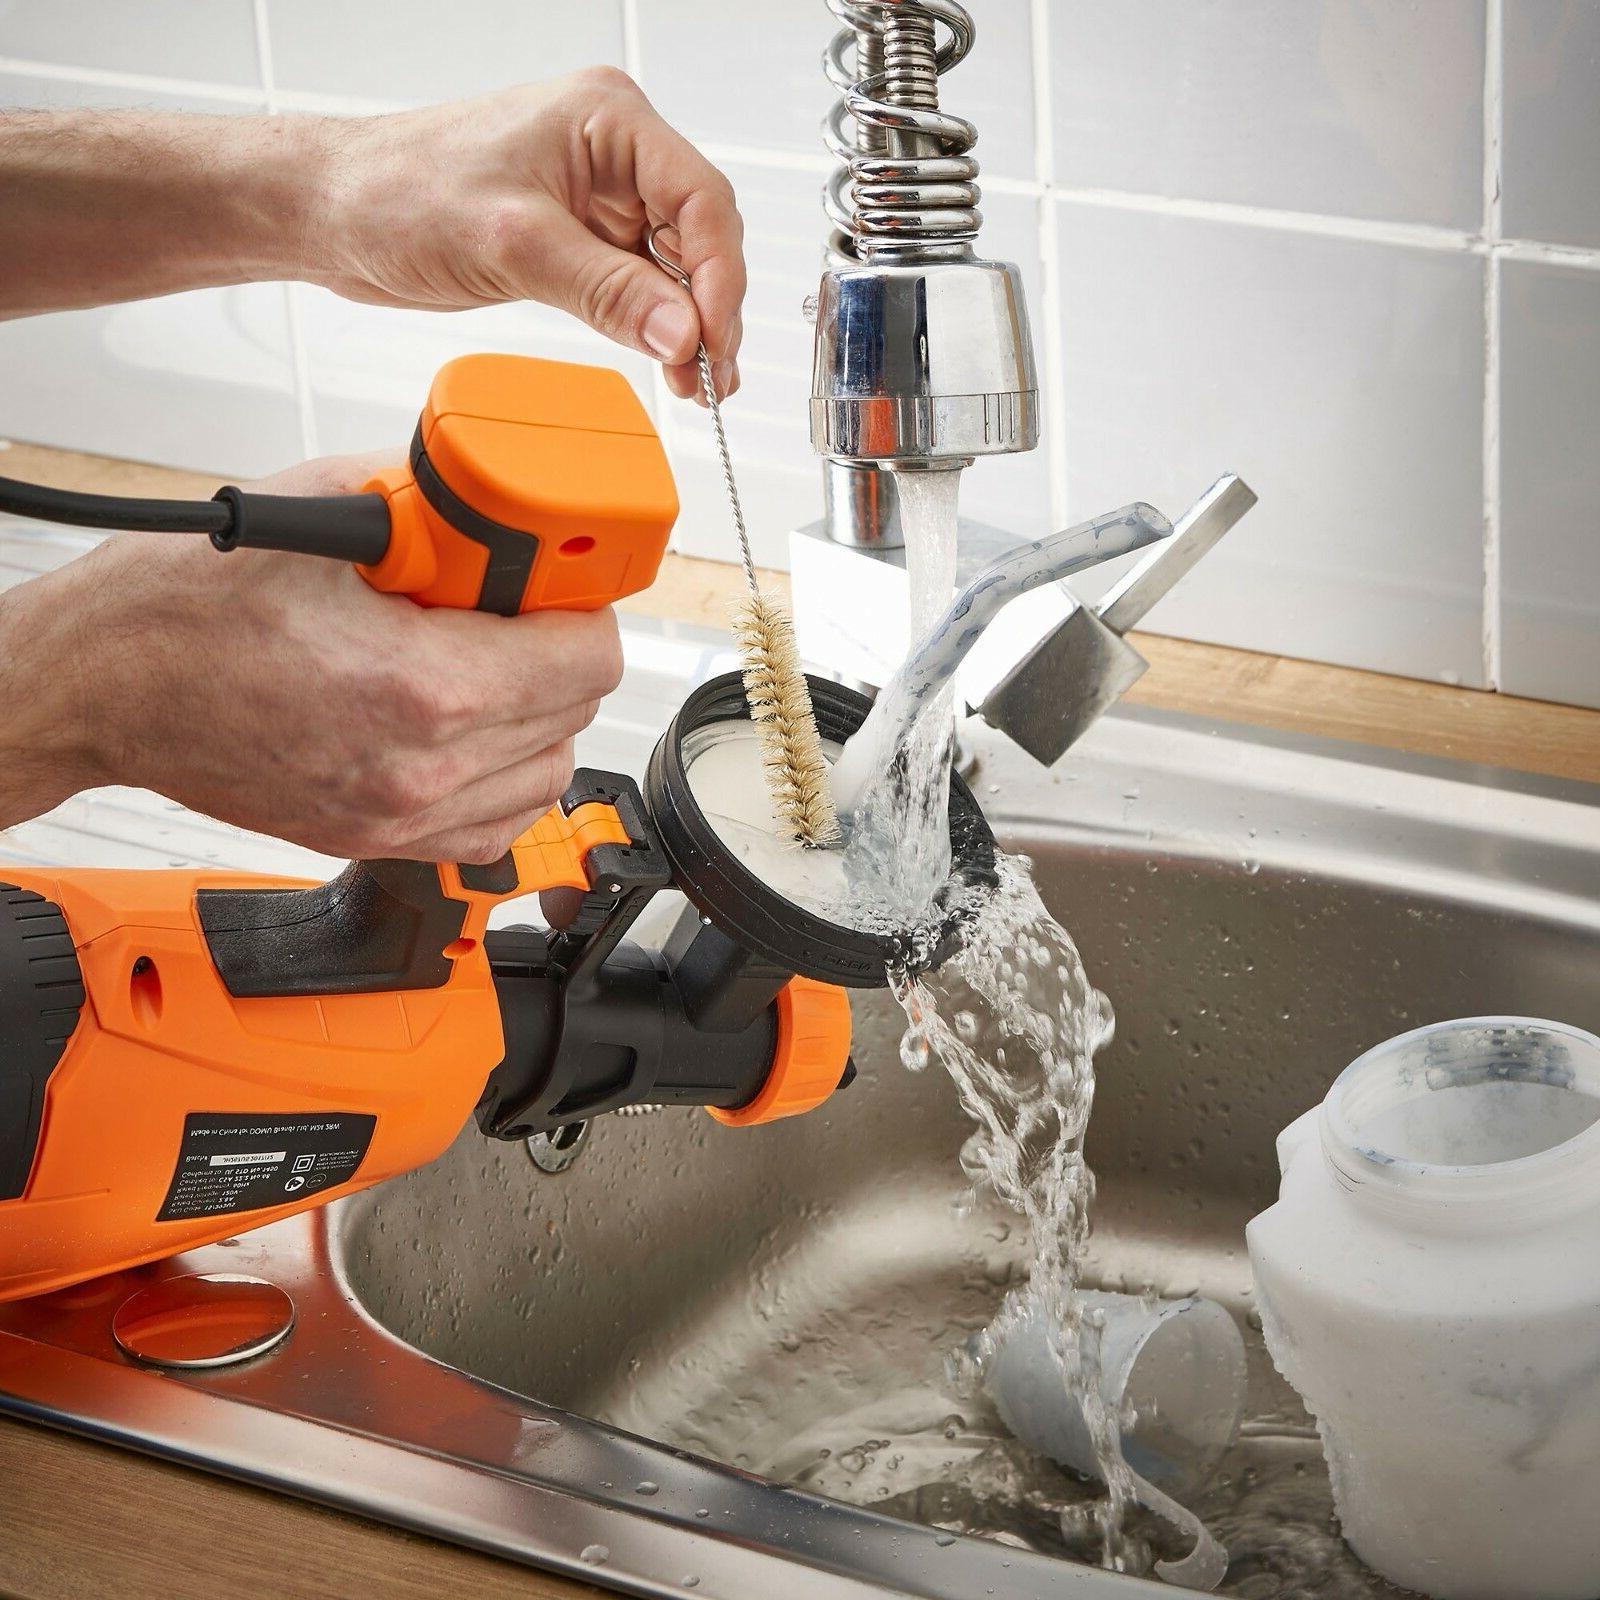 VonHaus Electric Paint Sprayer Spray Pattern & Flow for Home